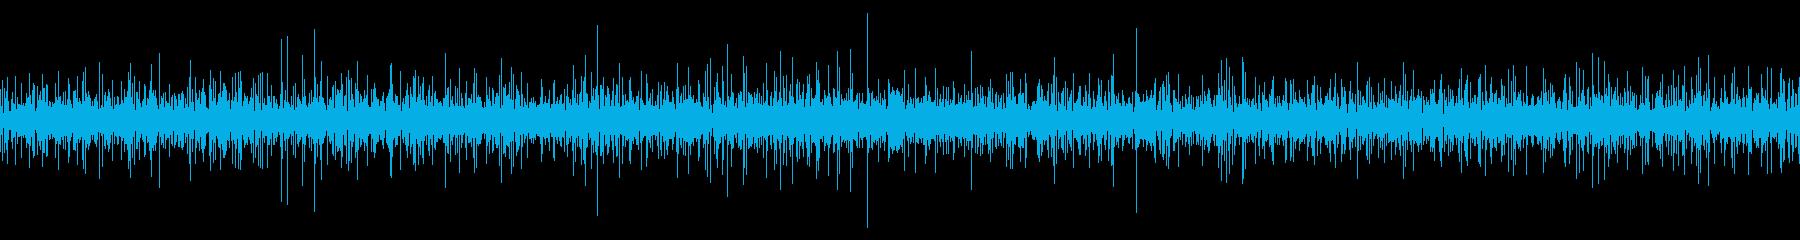 春の山の湧水が流れる音 ループの再生済みの波形